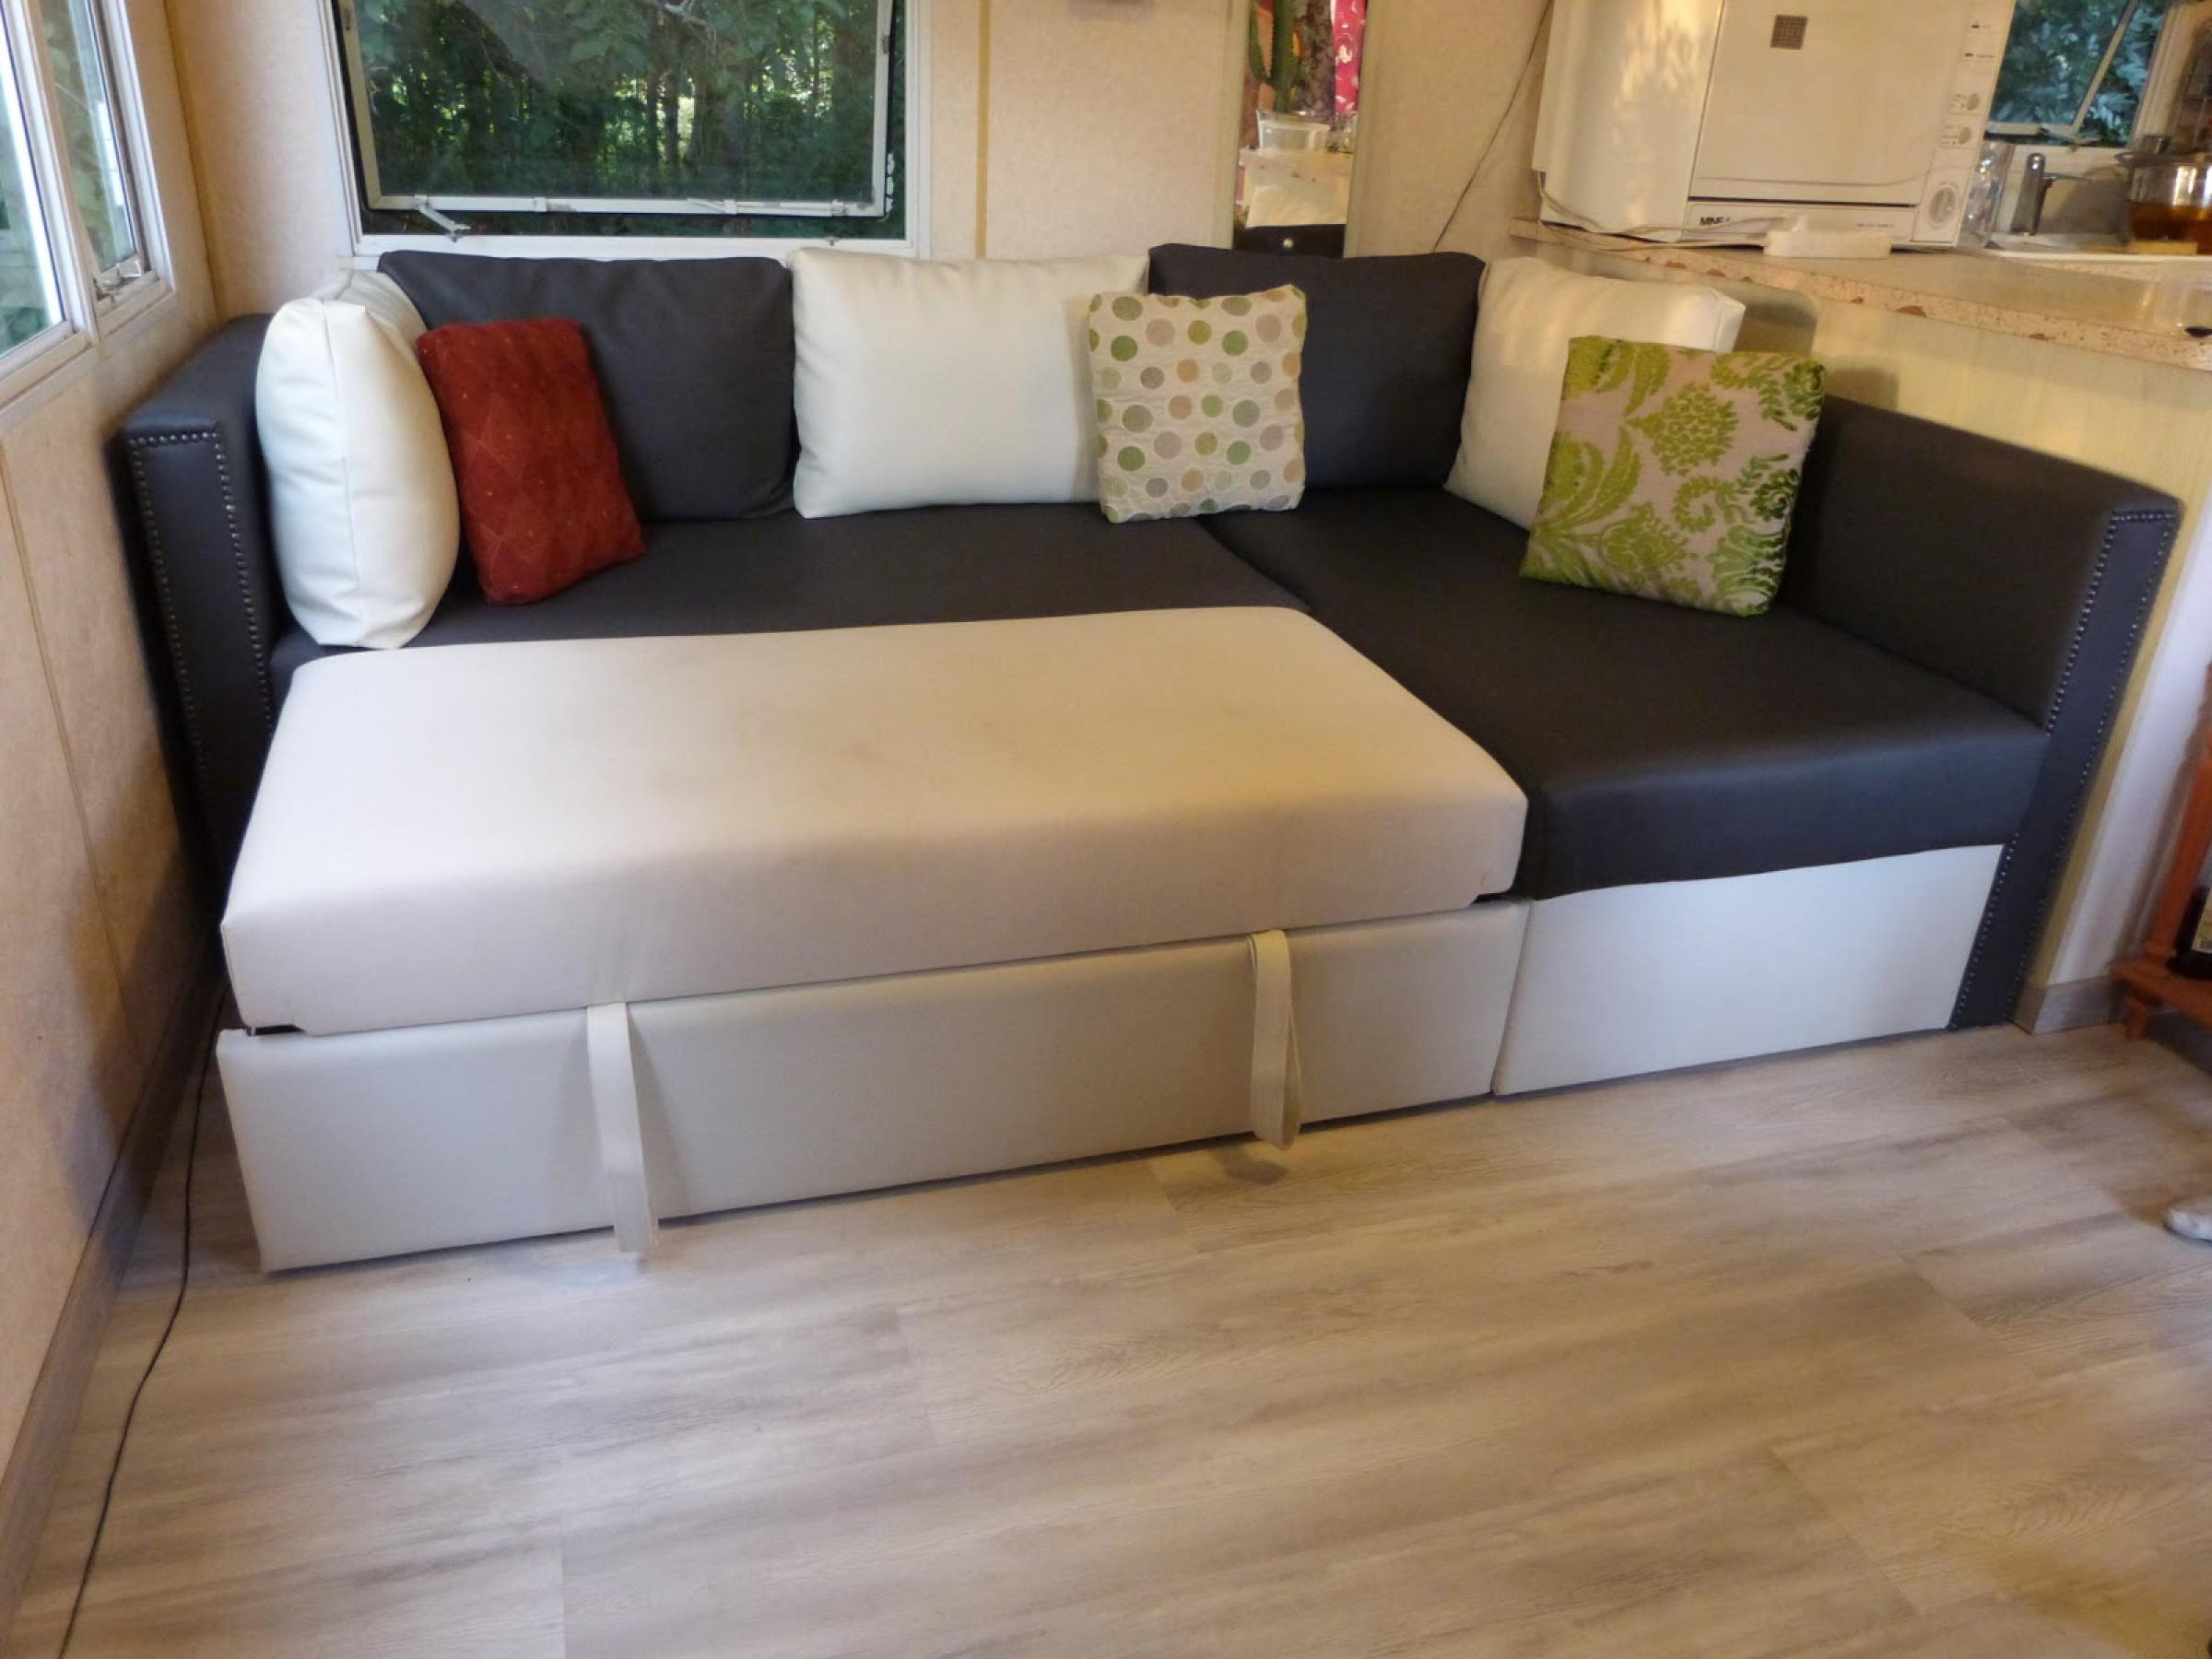 Canapé Arrondi Ikea Beau Collection Maison Du Monde Canape Convertible Great Affordable with Canap Lit